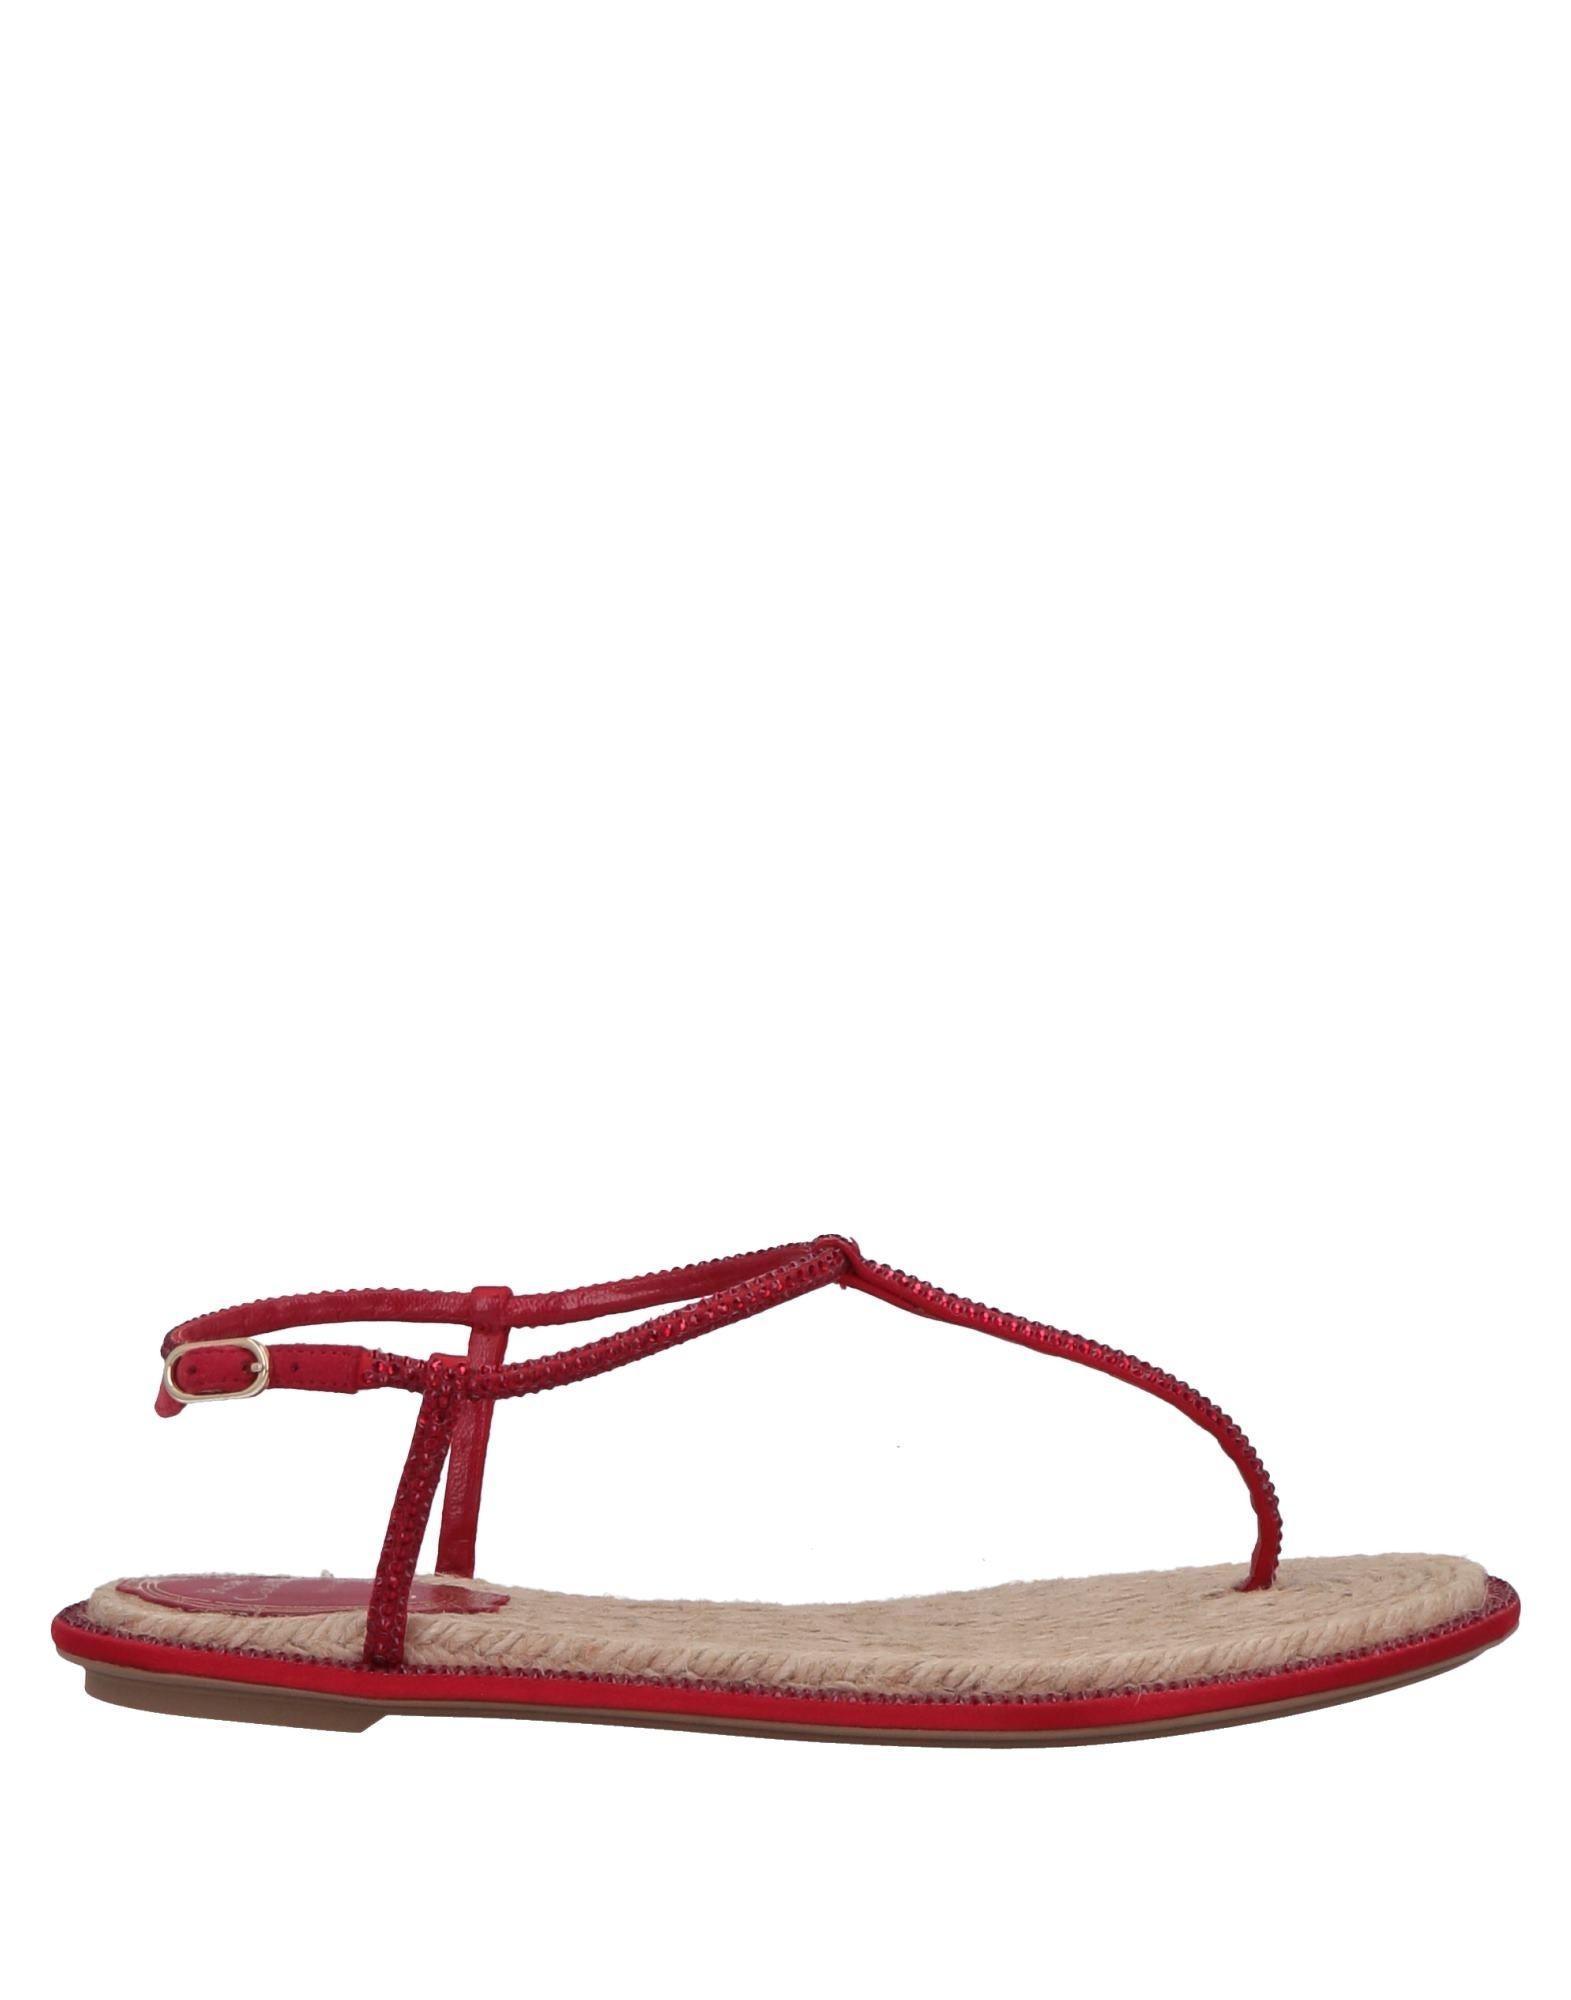 4554dd08c92 Lyst - Rene Caovilla Toe Post Sandal in Red